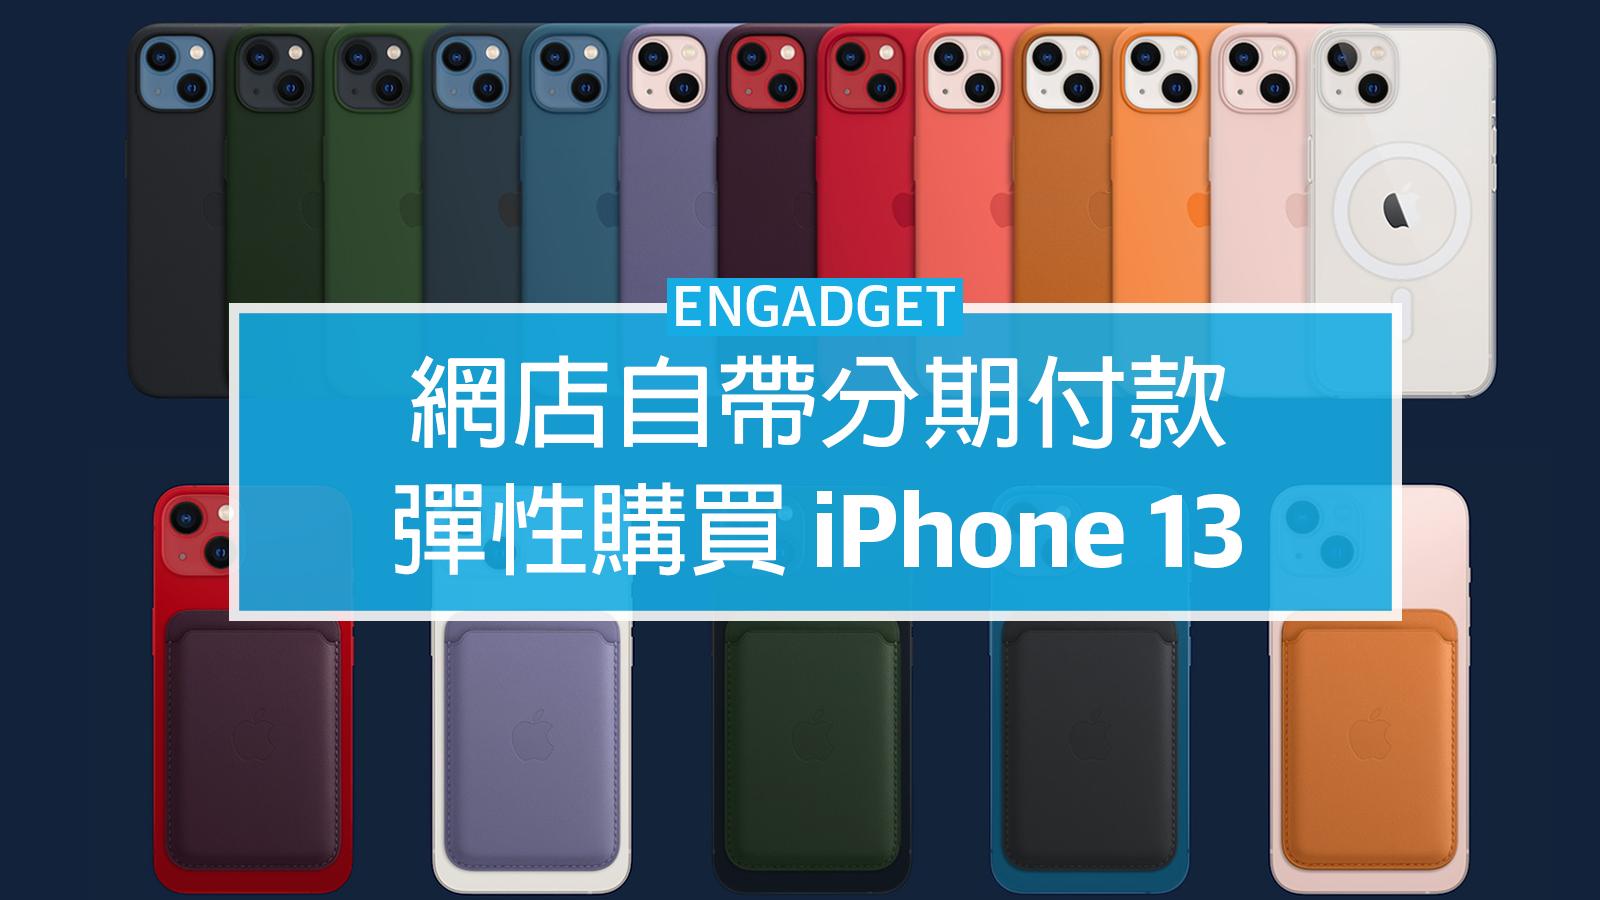 engadget weekly best deal 20211004